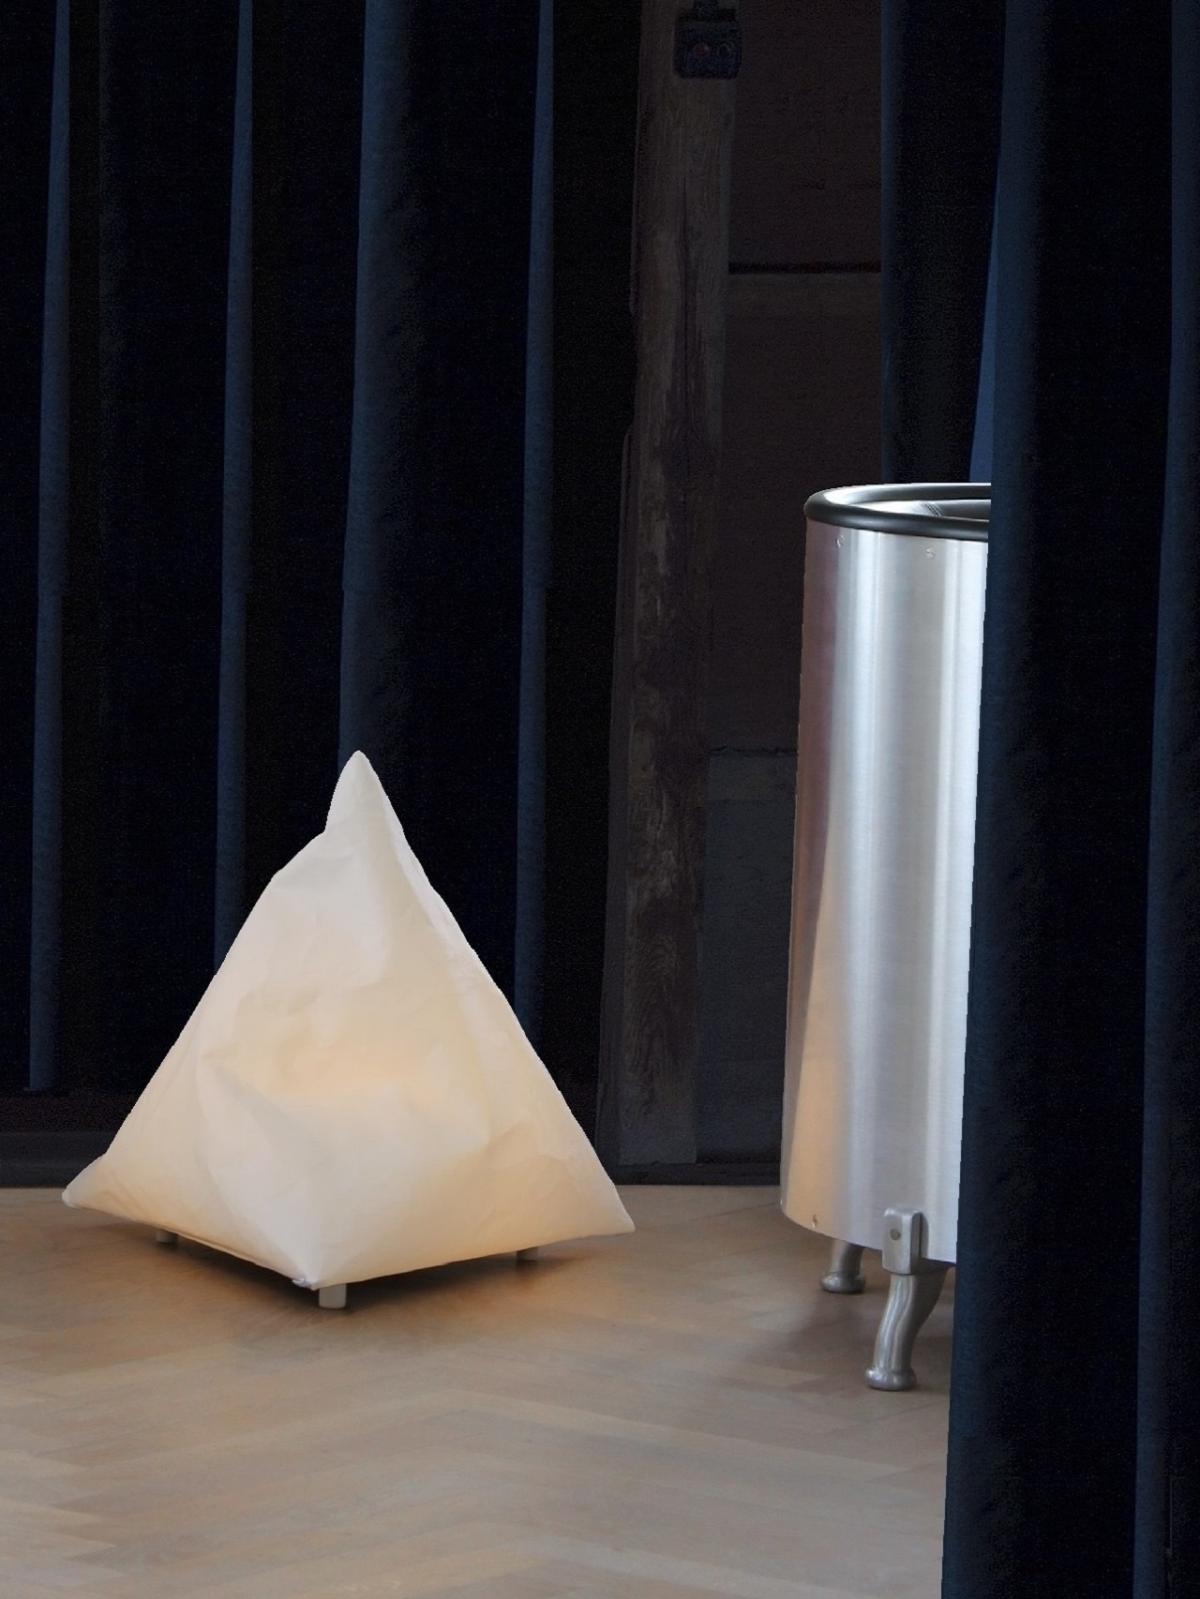 b2-gulvlampe-det-lille-isbjerg-sejldugslampe-miljø-png